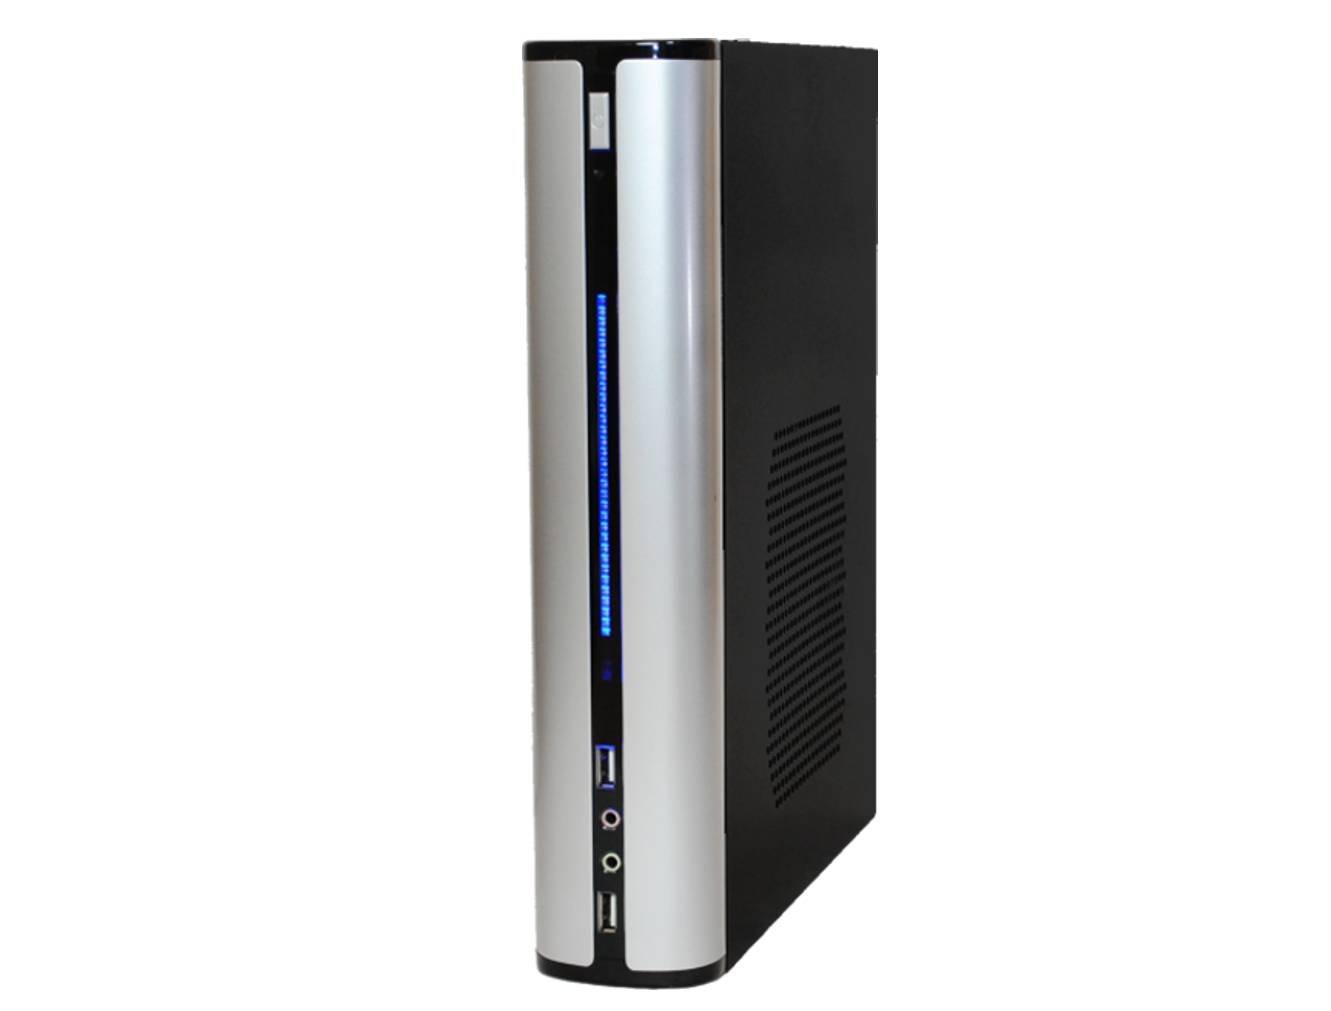 再再販! 【ファンレス電源搭載 メモリ4GB】 SlimPc VP130 シルバー dual core HDD 1TB メモリ4GB HDD Windows10PRO Office シルバー 静音 1年保証 パソコンショップaba B076V86Q5B, ここでいんく:f34f9aa3 --- arbimovel.dominiotemporario.com